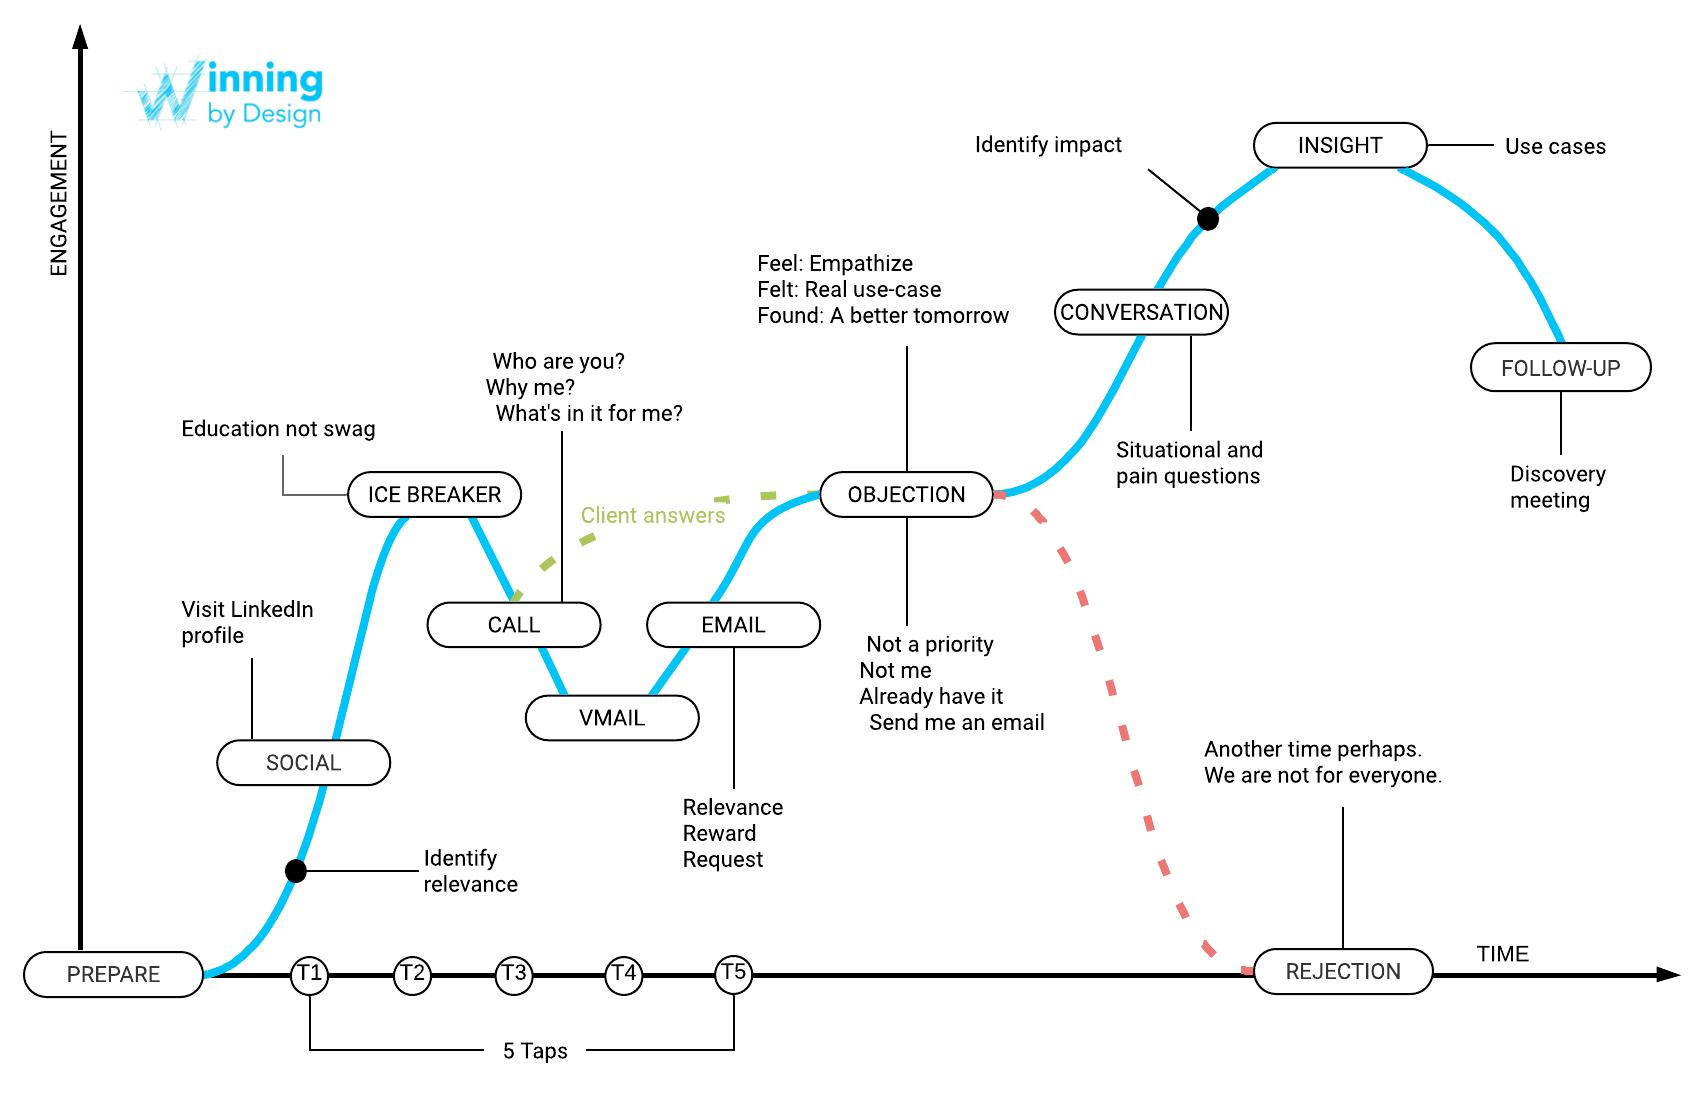 talker conversations Winning by Design blueprint